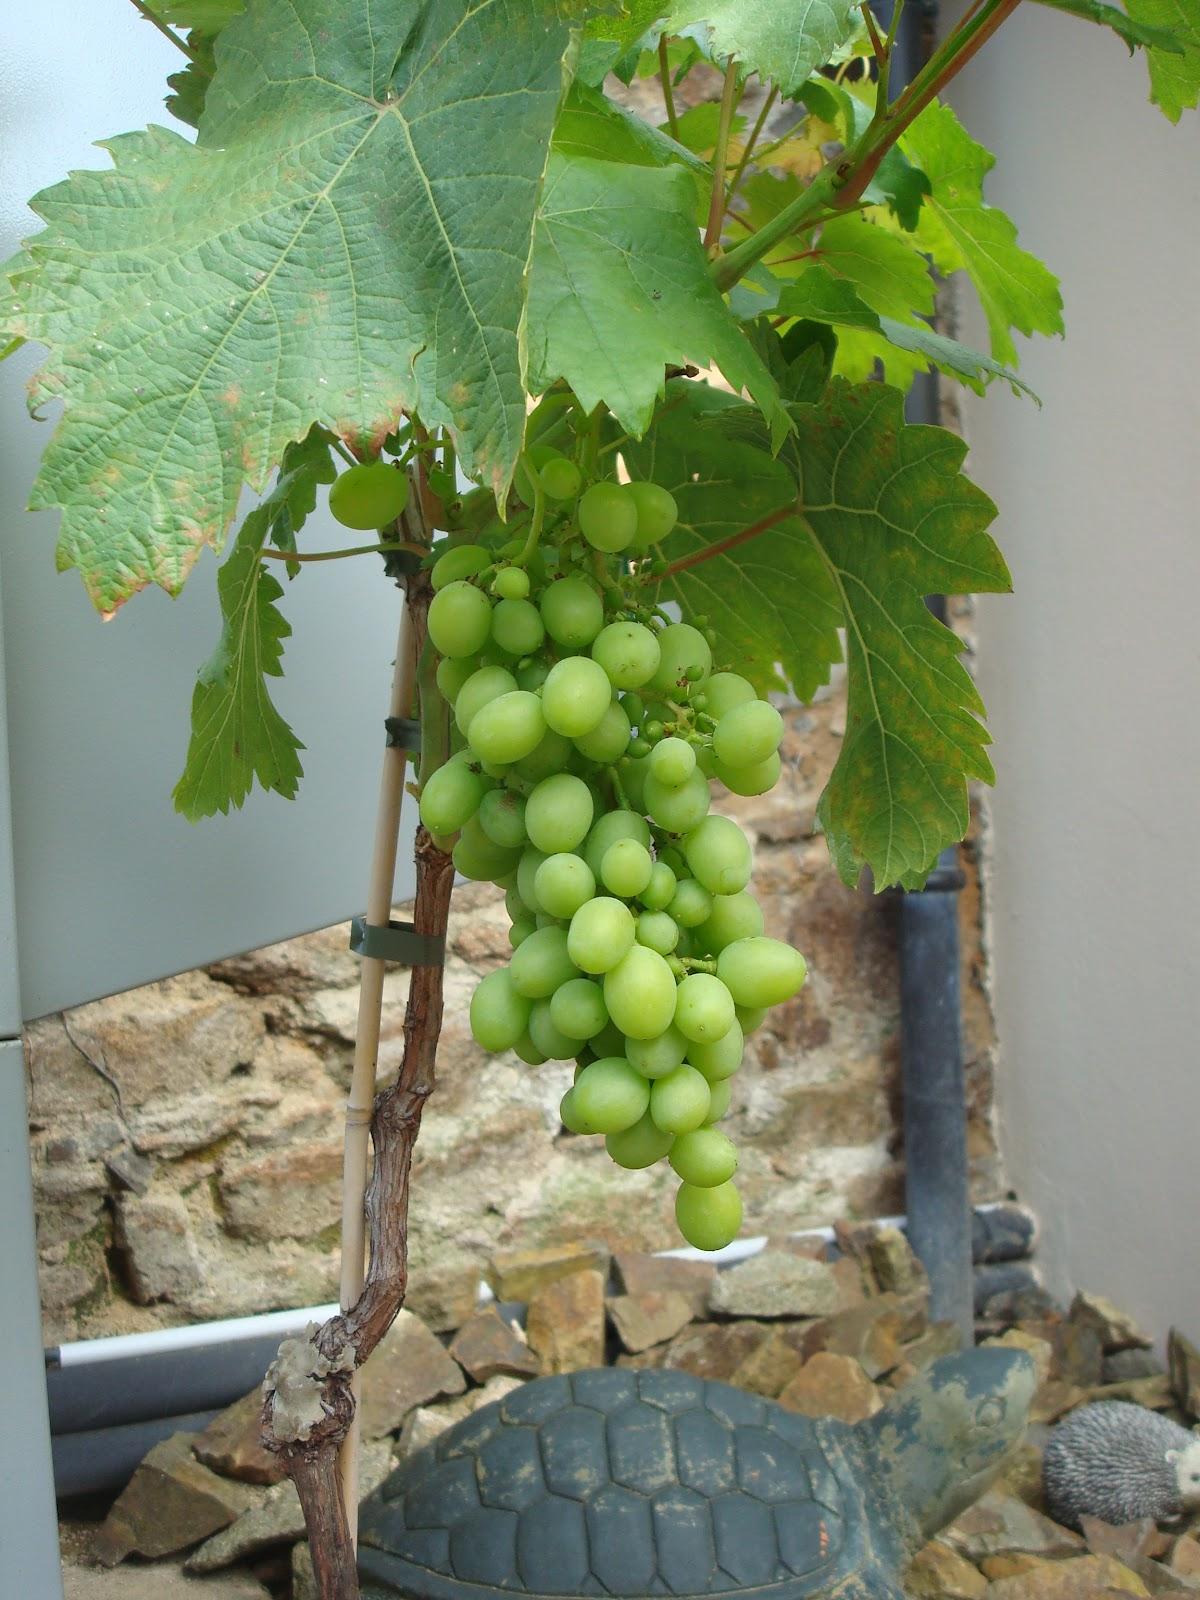 Fleuriste isabelle feuvrier mon plant de raisin - Pied de vigne en pot ...